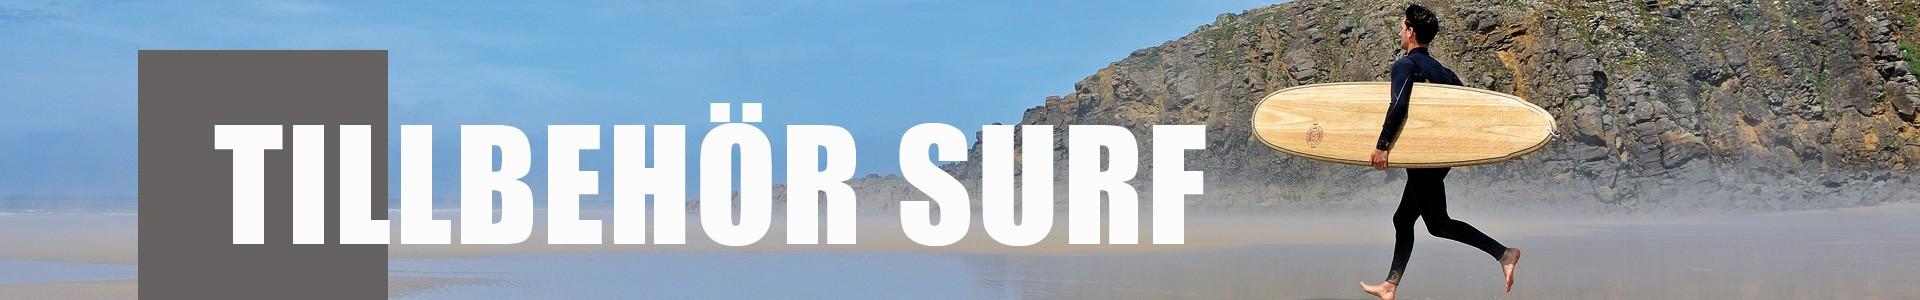 Tillbehör Surf